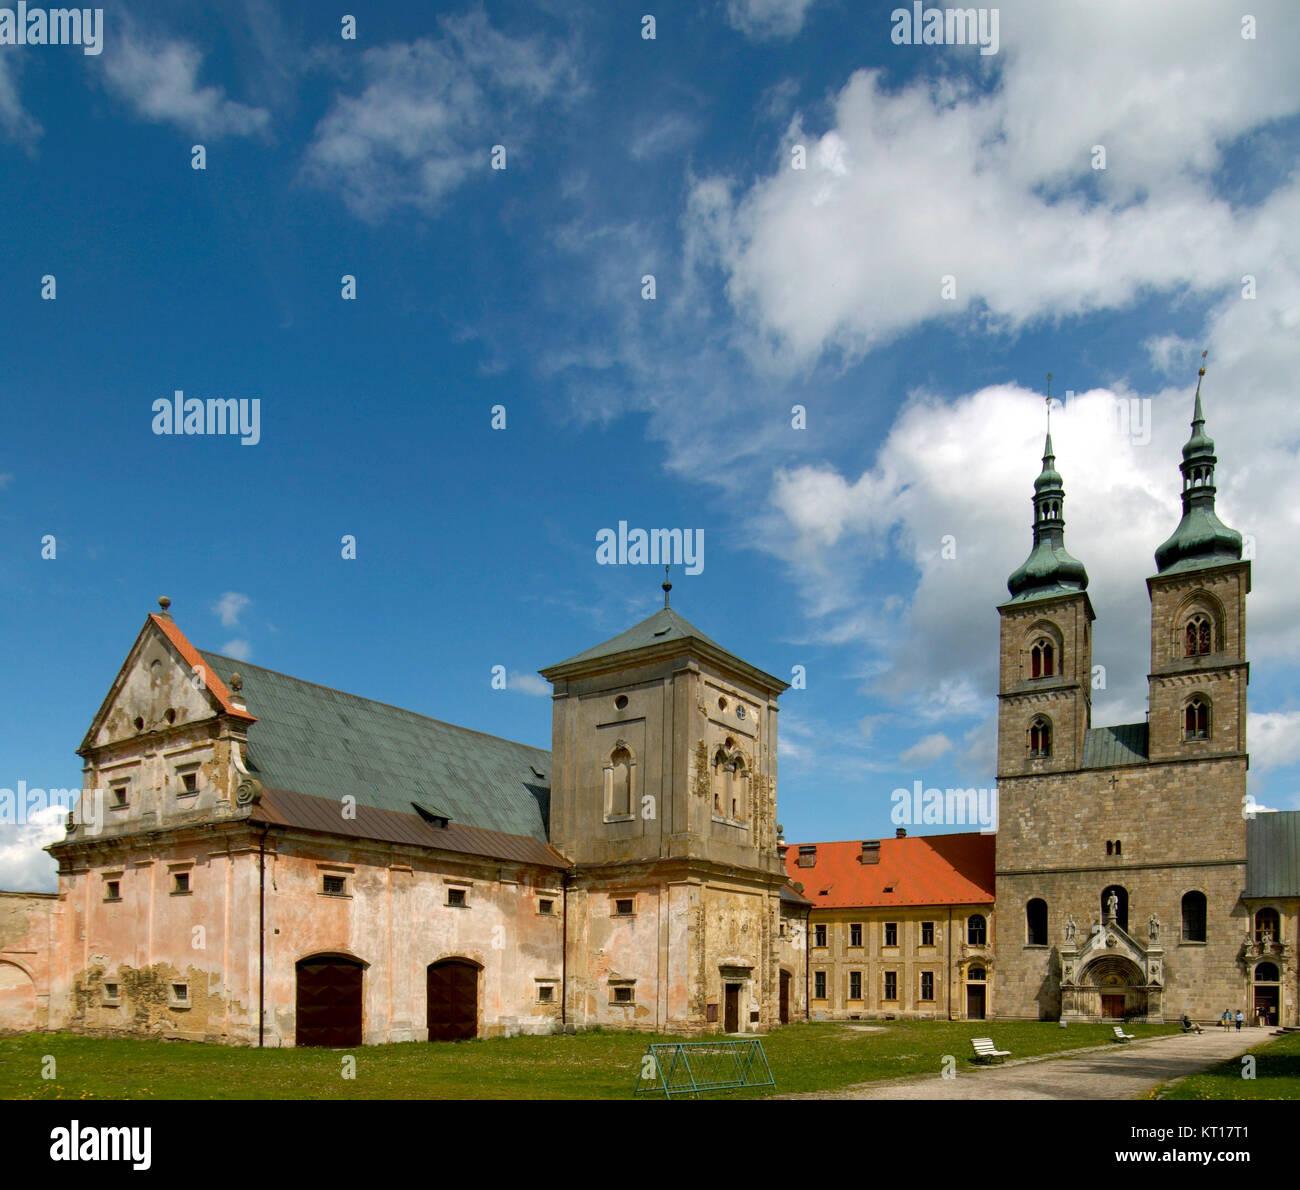 Tschechien, Böhmen : Kloster Tepla wurde 1193 vom Grossherrn Hroznata gebaut. Hier leben Ordensbrüder - Stock Image